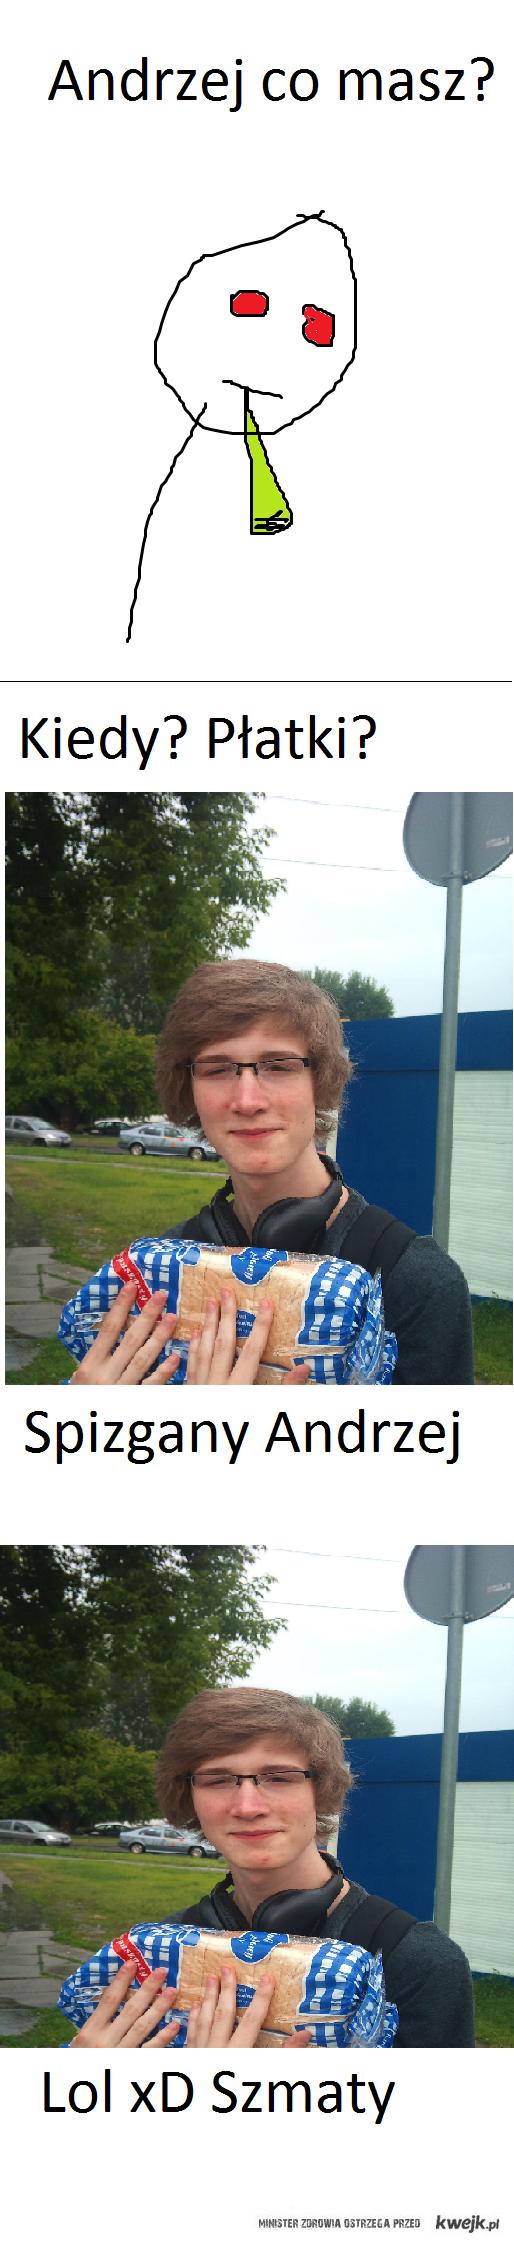 Spizgany Andrzej